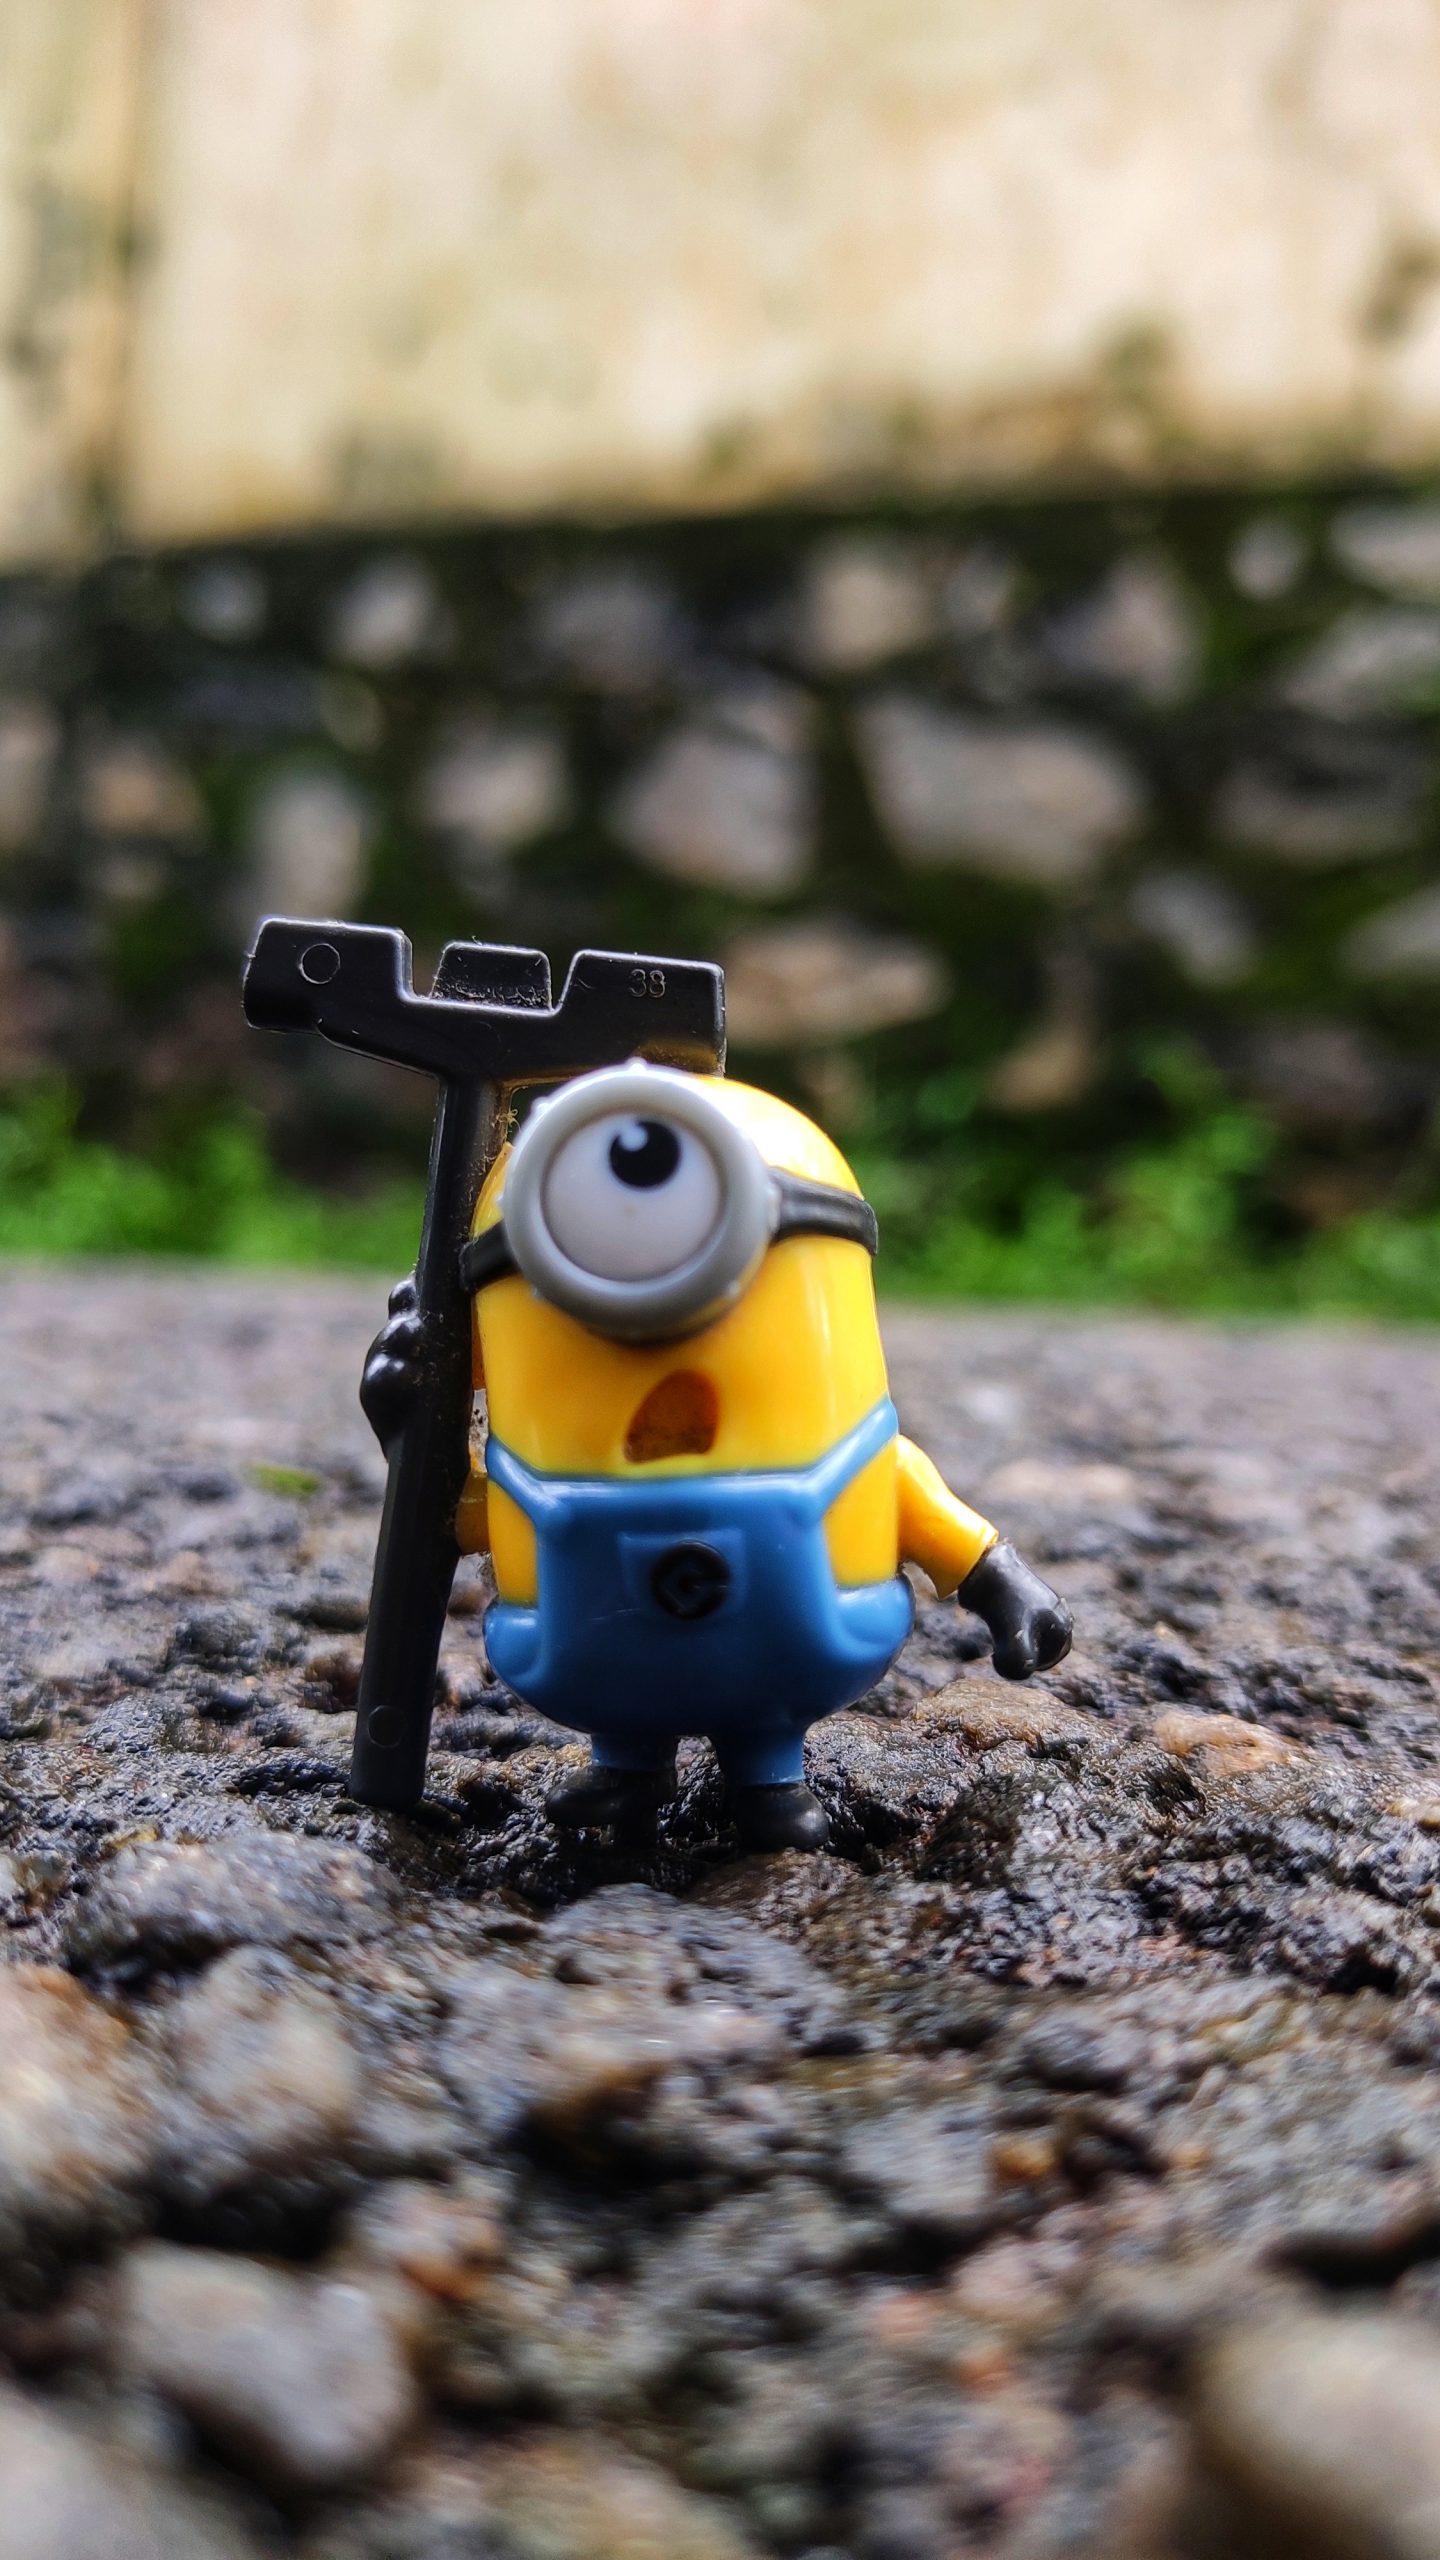 A minion toy